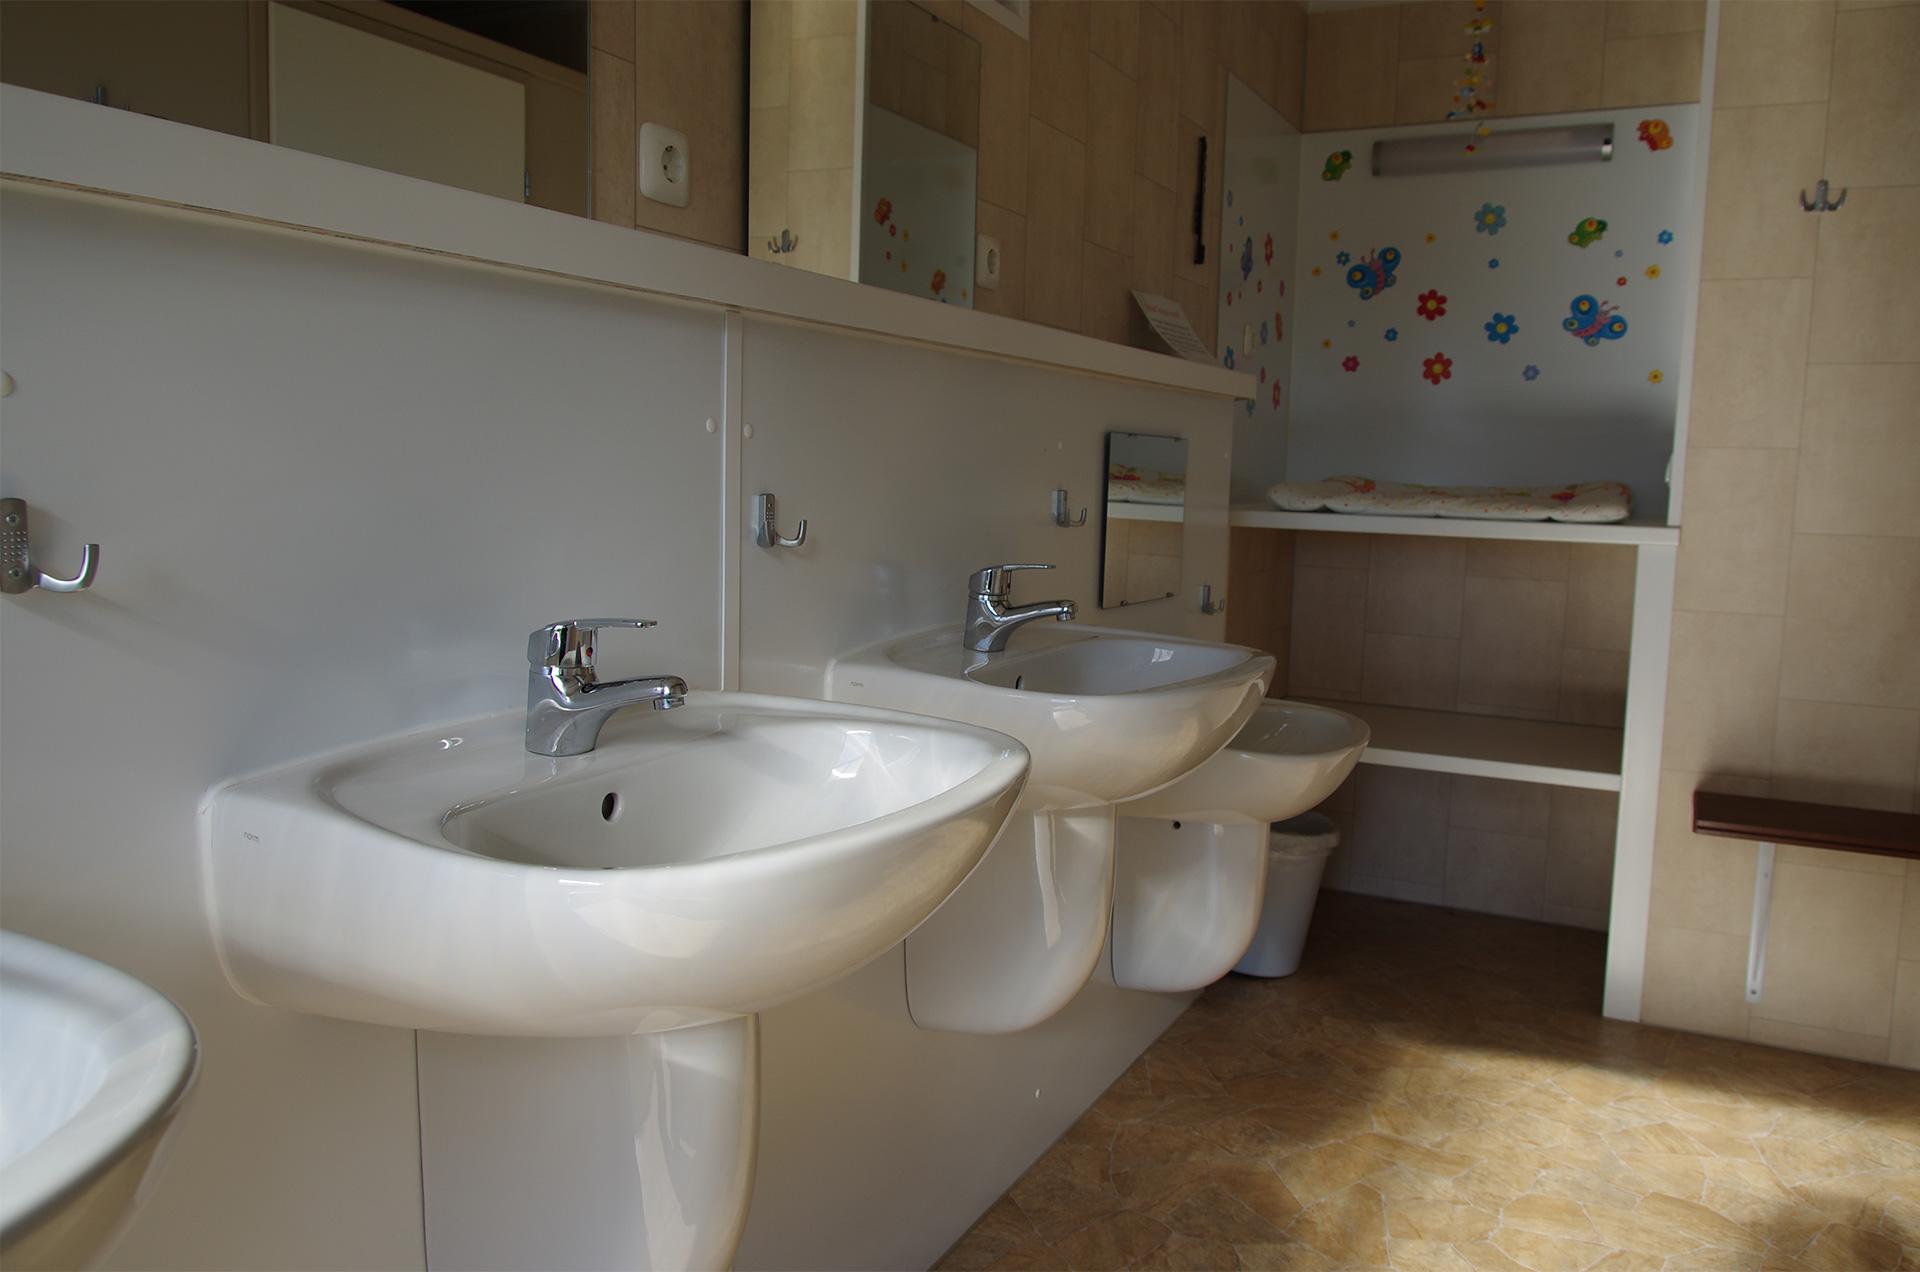 Sanitaeranlagen-03